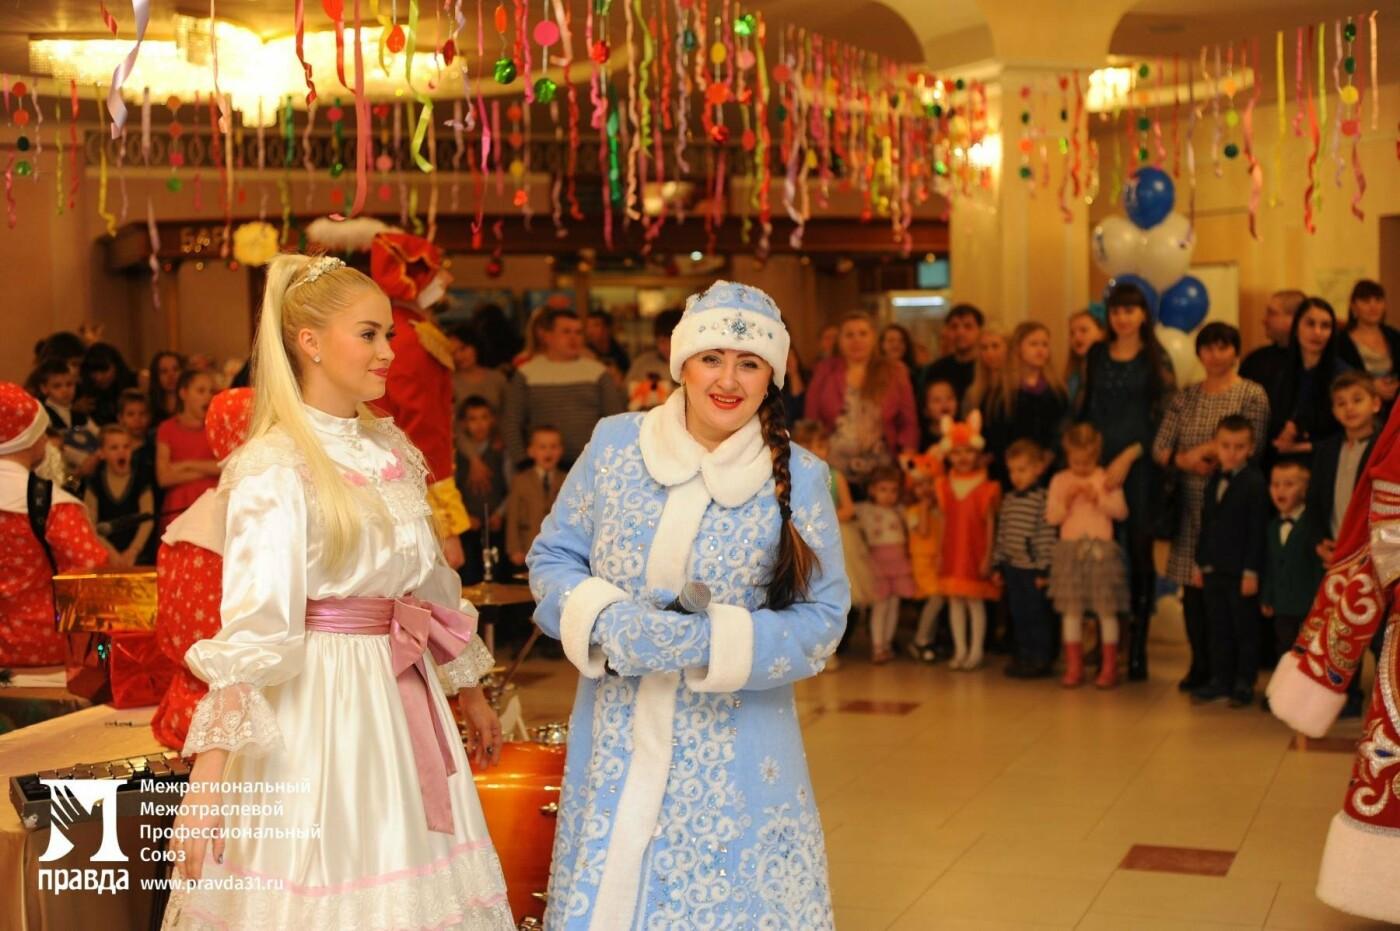 «Правда» организовала для всех детей участников профсоюза новогодние утренники в Белгородской филармонии, фото-9